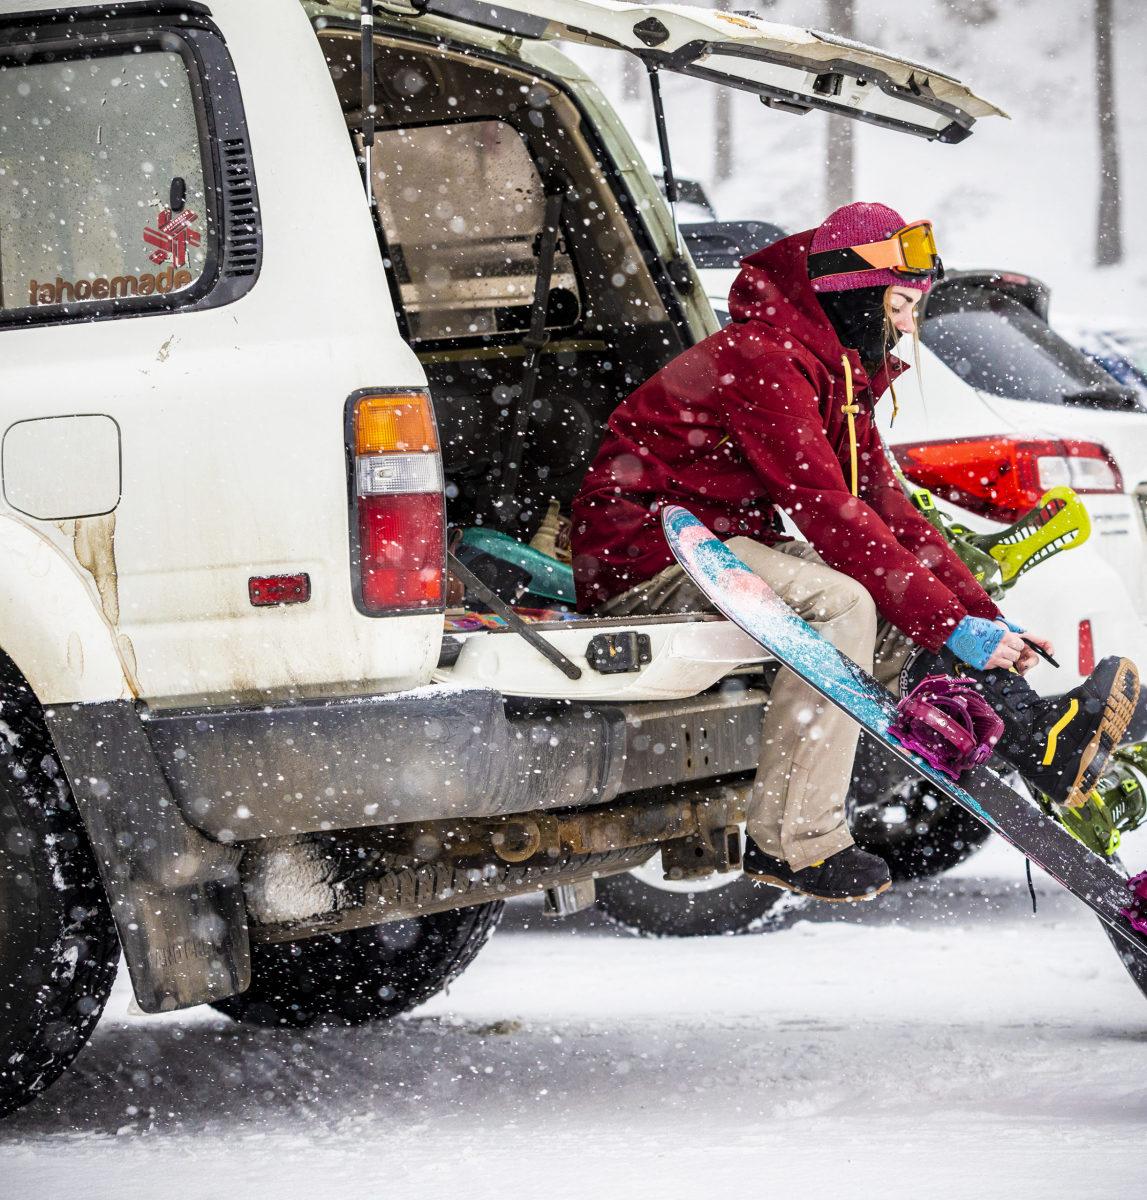 Ikon Pass snowboarding